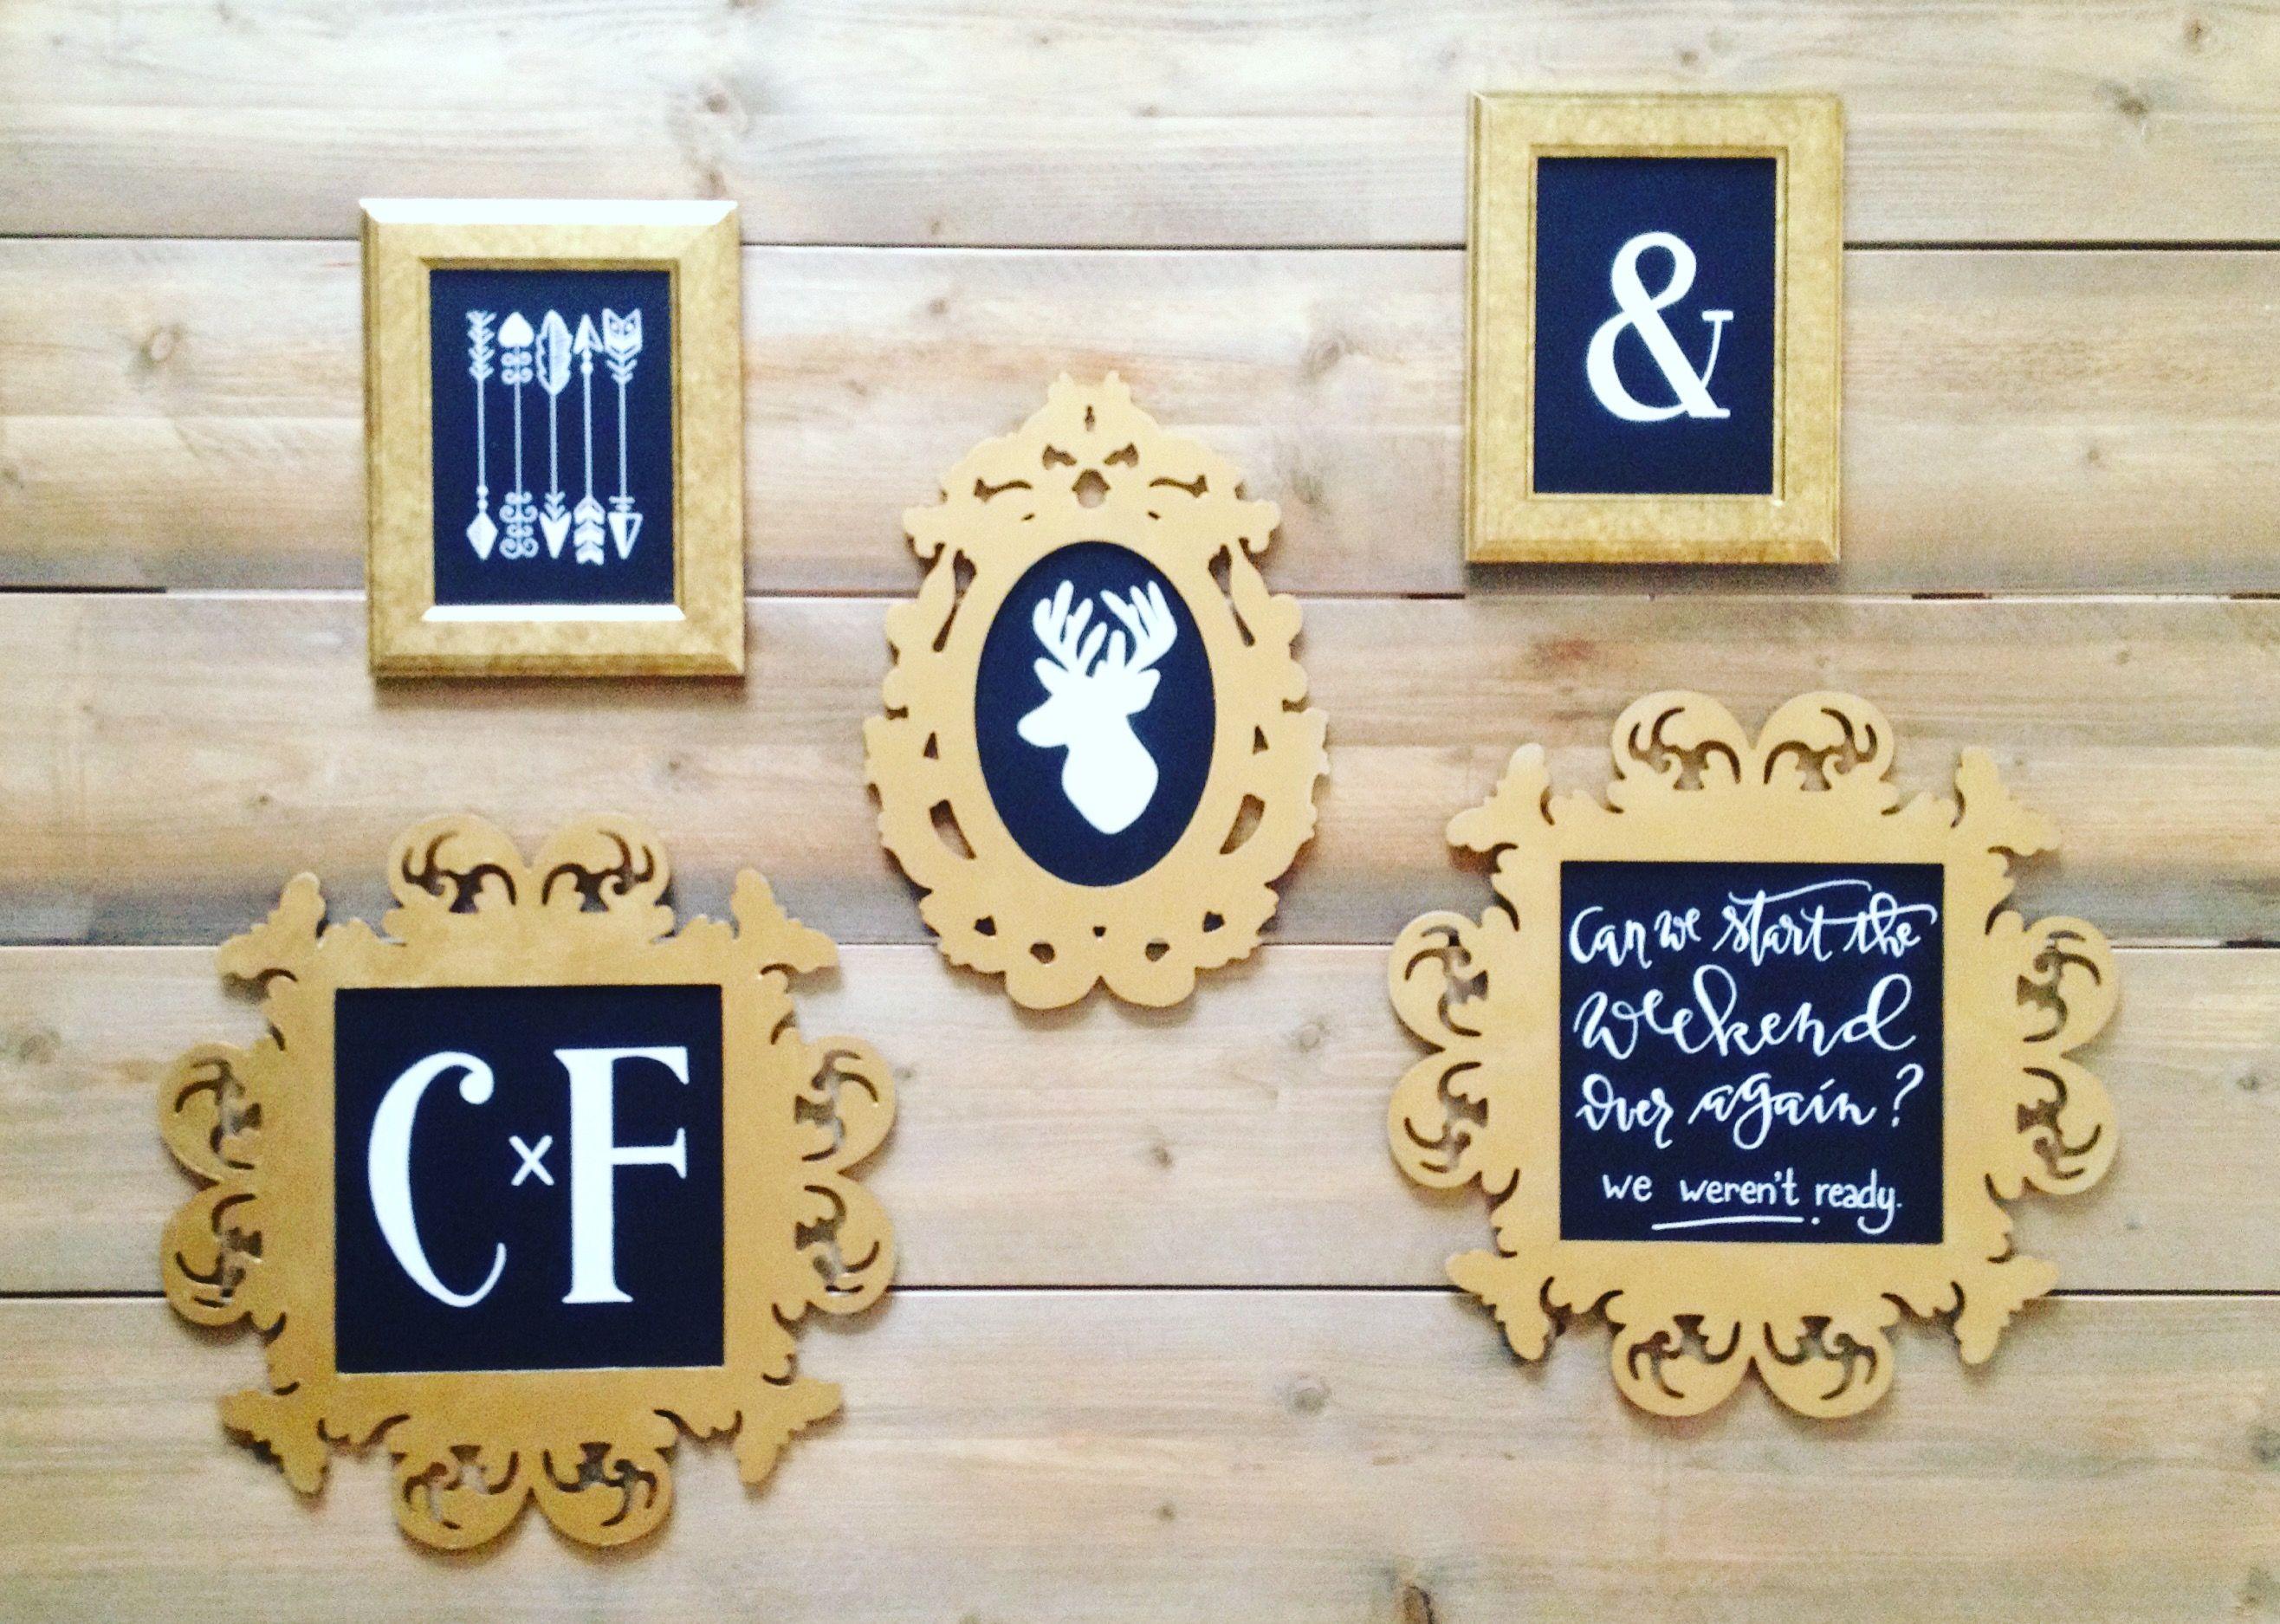 Vicky Chalks A Lot - Chalk gallery wall, www.vickychalksalot.com